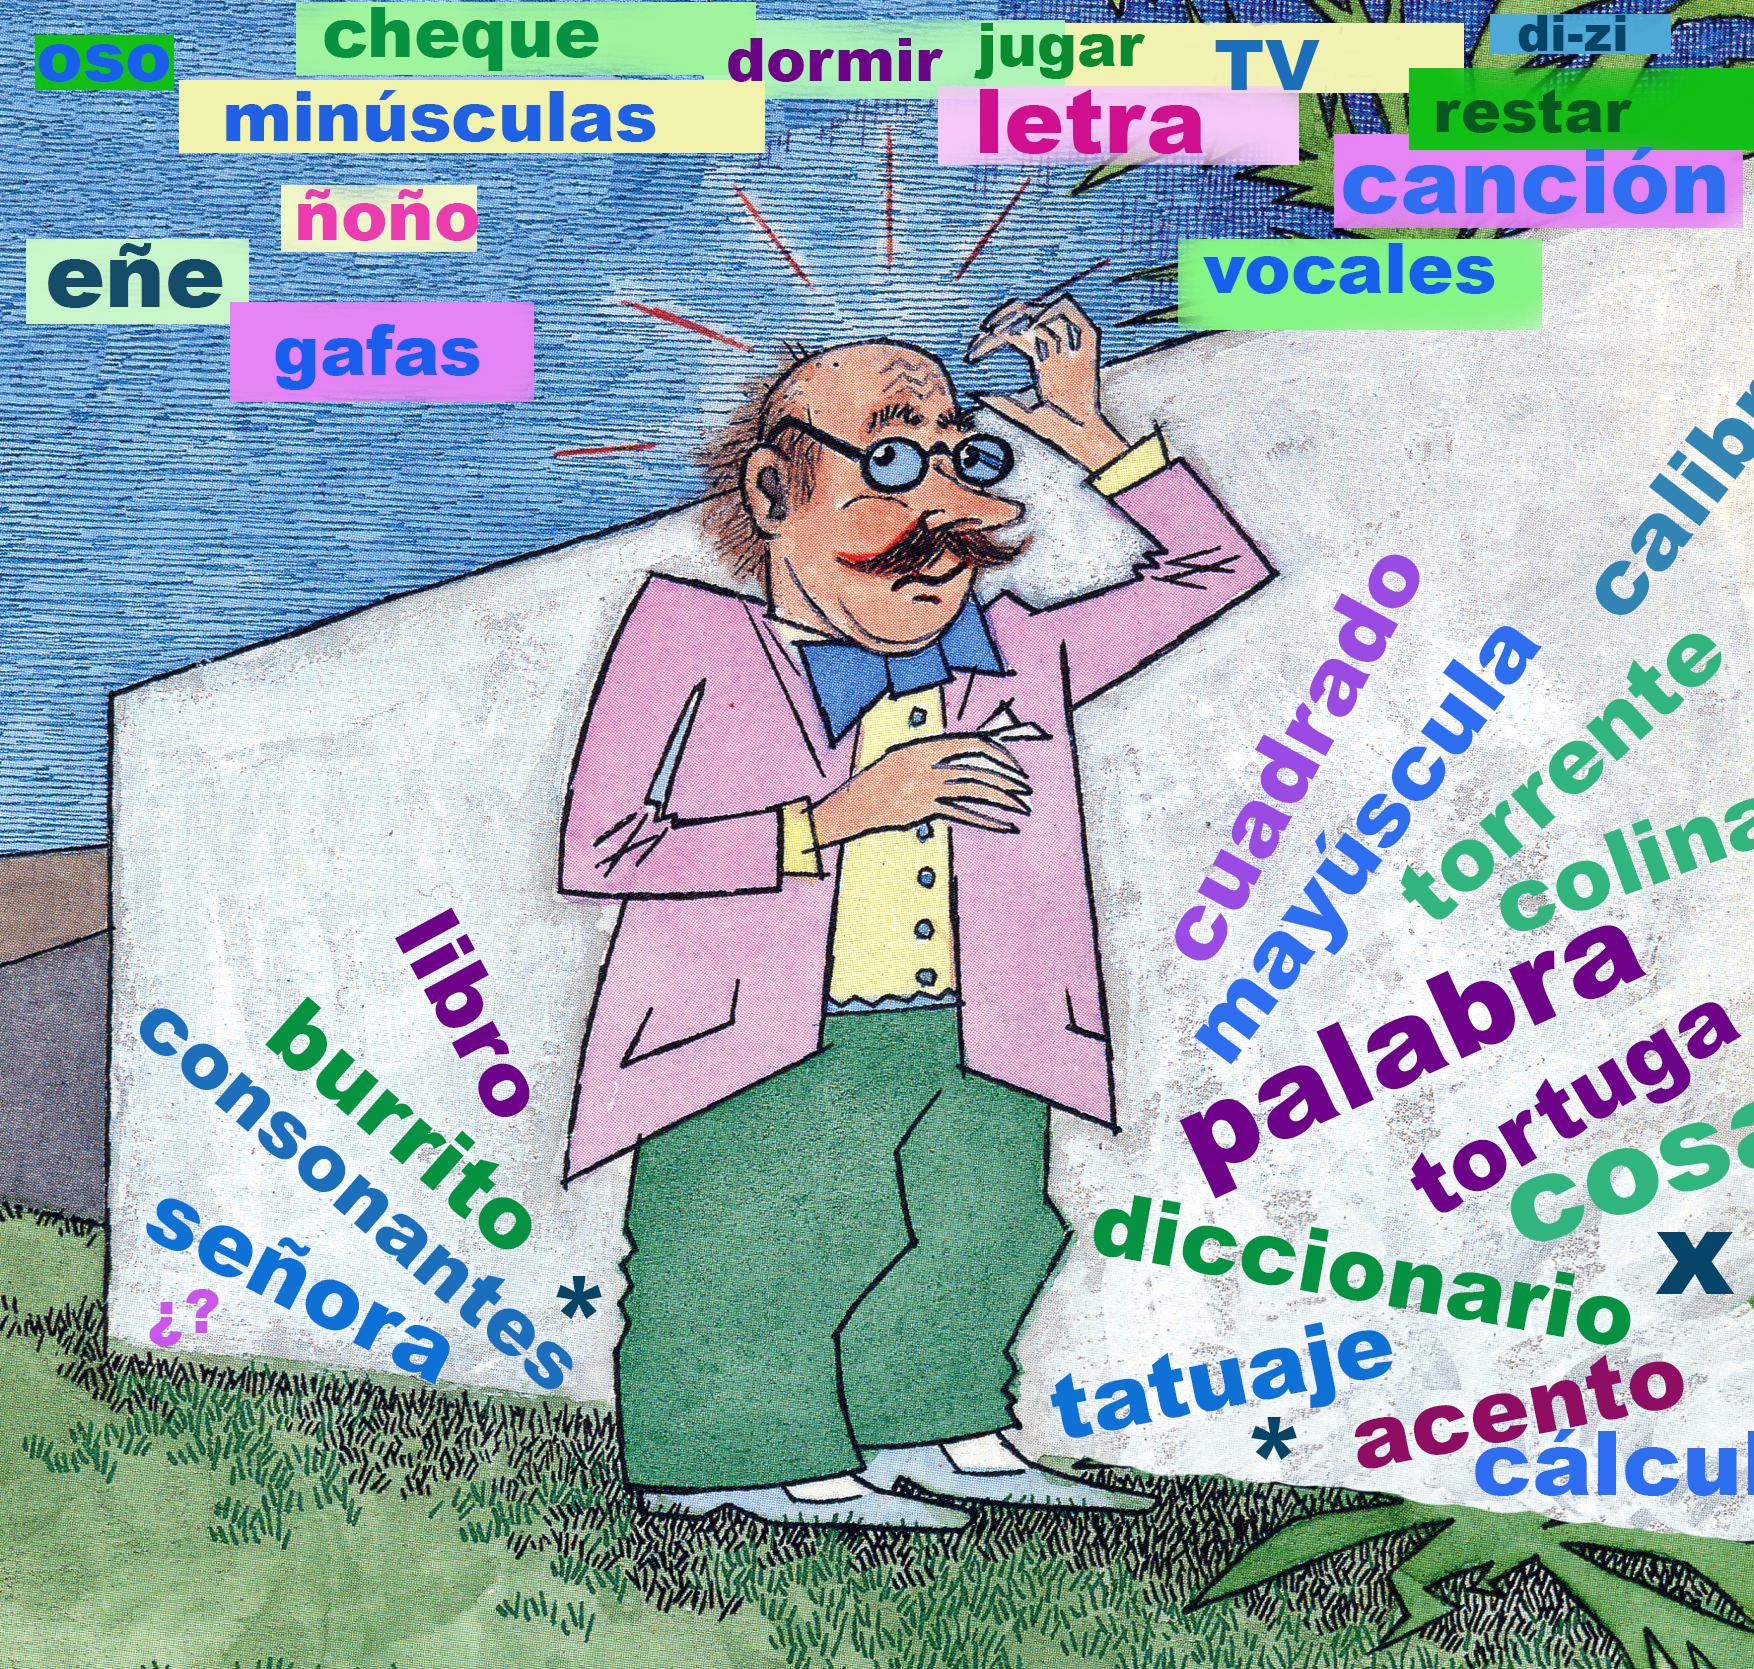 <strong>El lío de palabras del profesor DiZi:</strong> Ayúdalo a encontrar las 10 palabras relacionadas con el deletreo. Ilustración de María Cristina Brusca